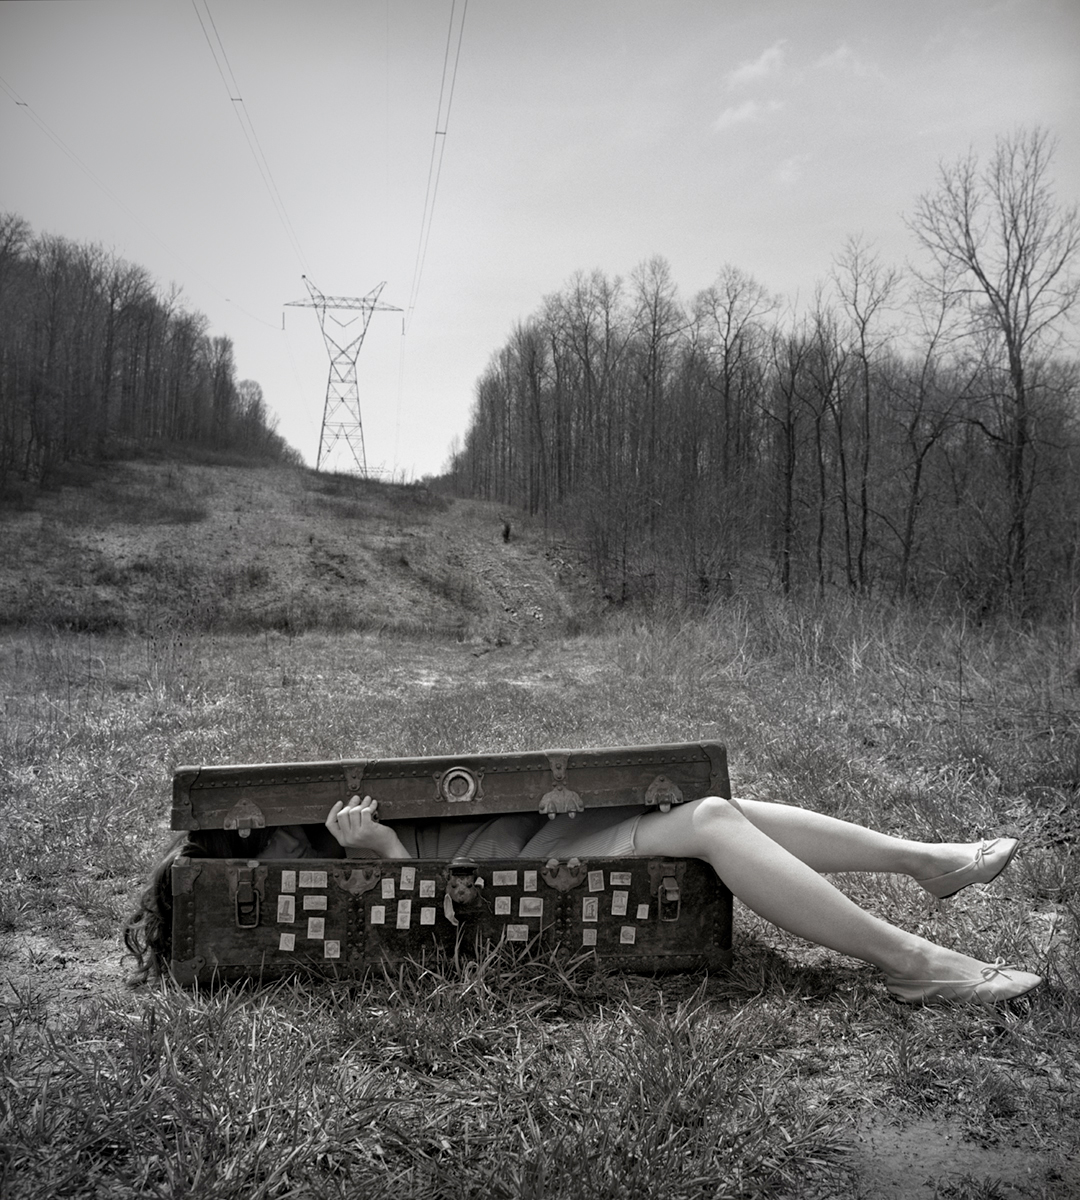 Rebecca Drolen, Escape Attempt No. 13, 2008